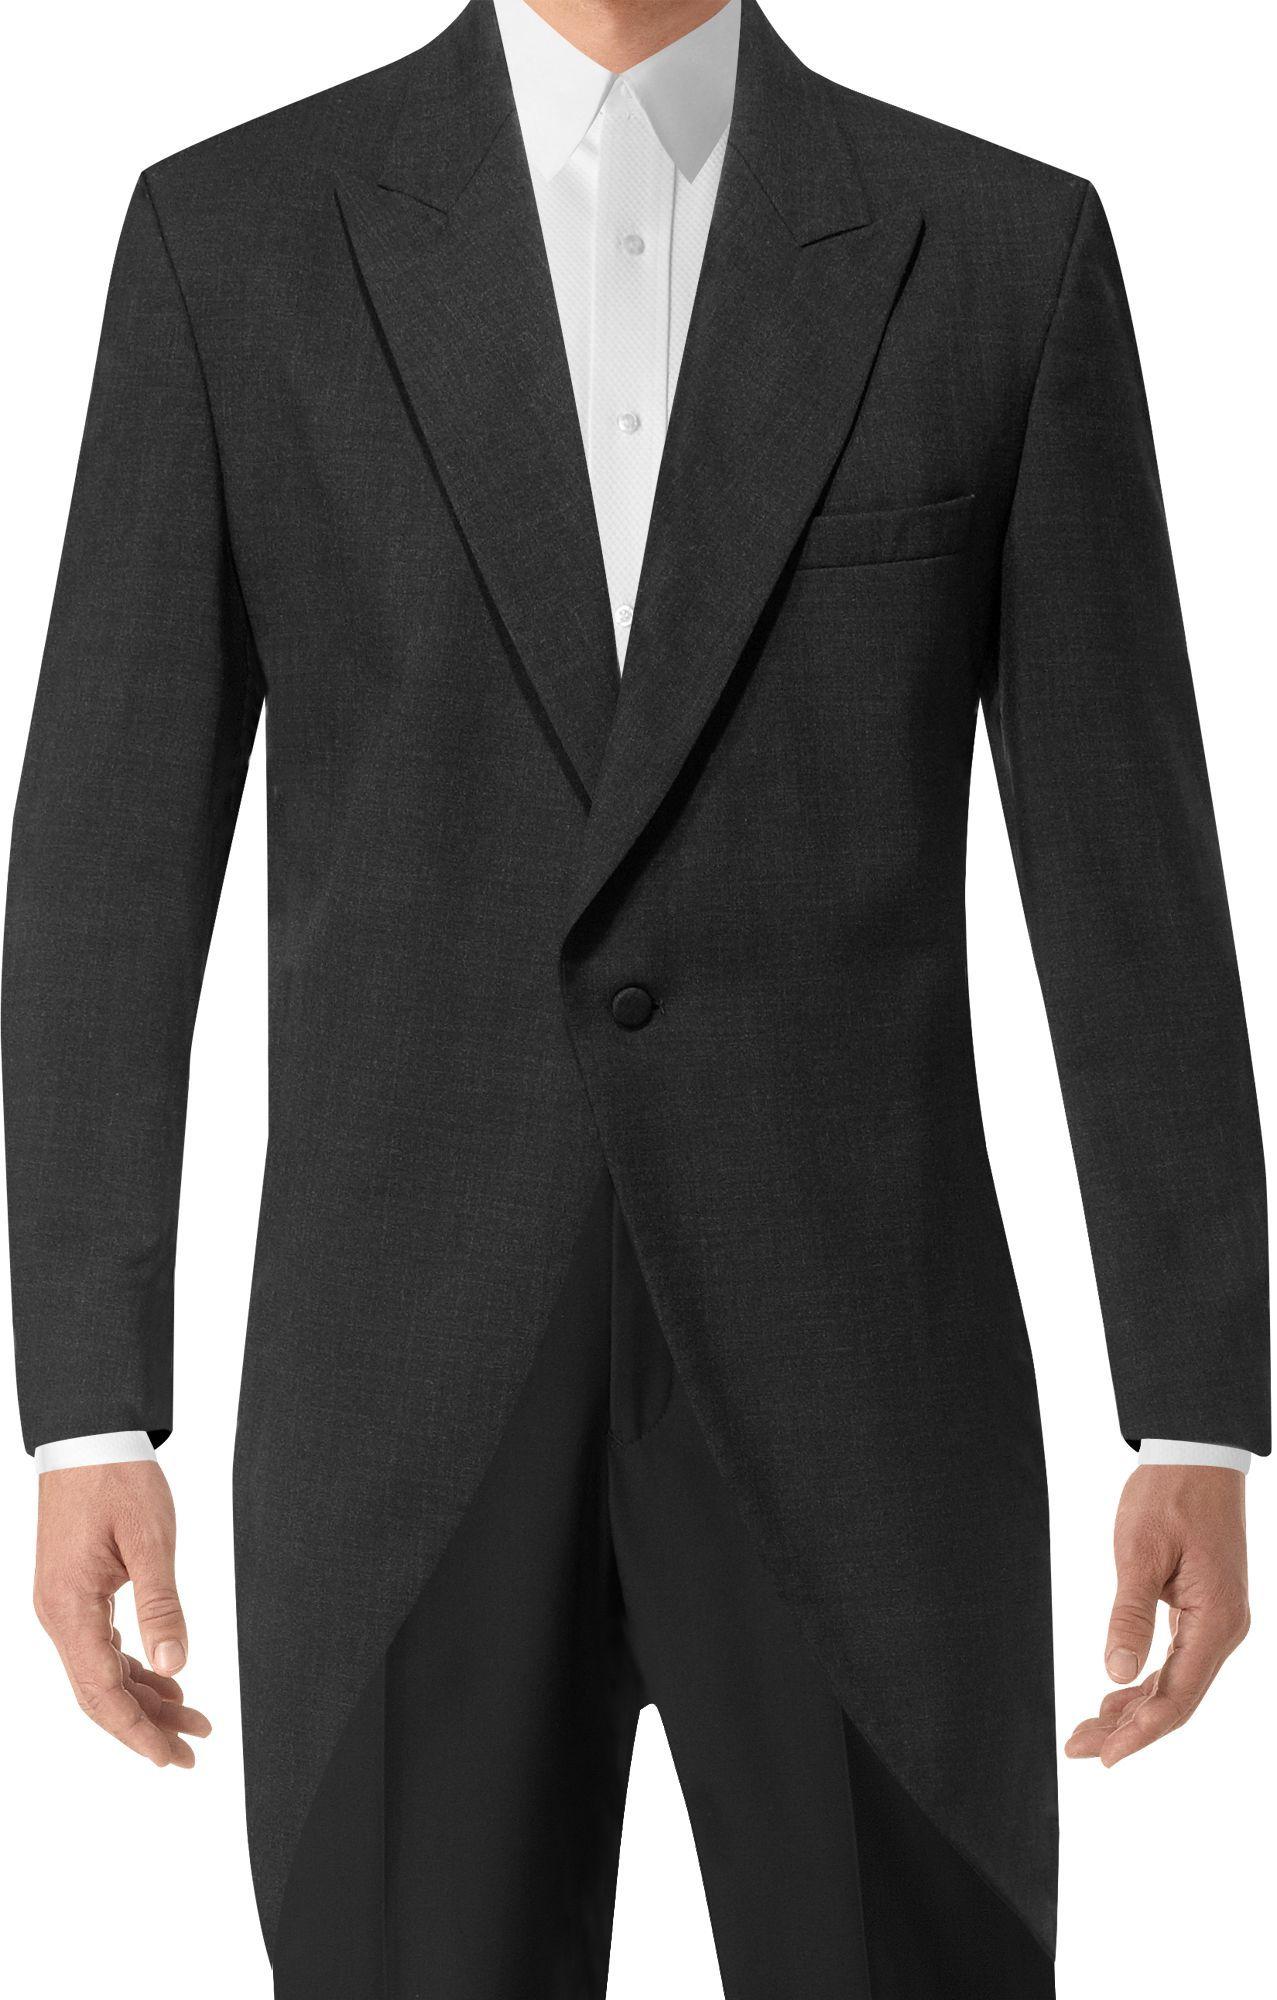 BLACK By Vera Wang Black Notch Lapel Tux Tuxedo suit